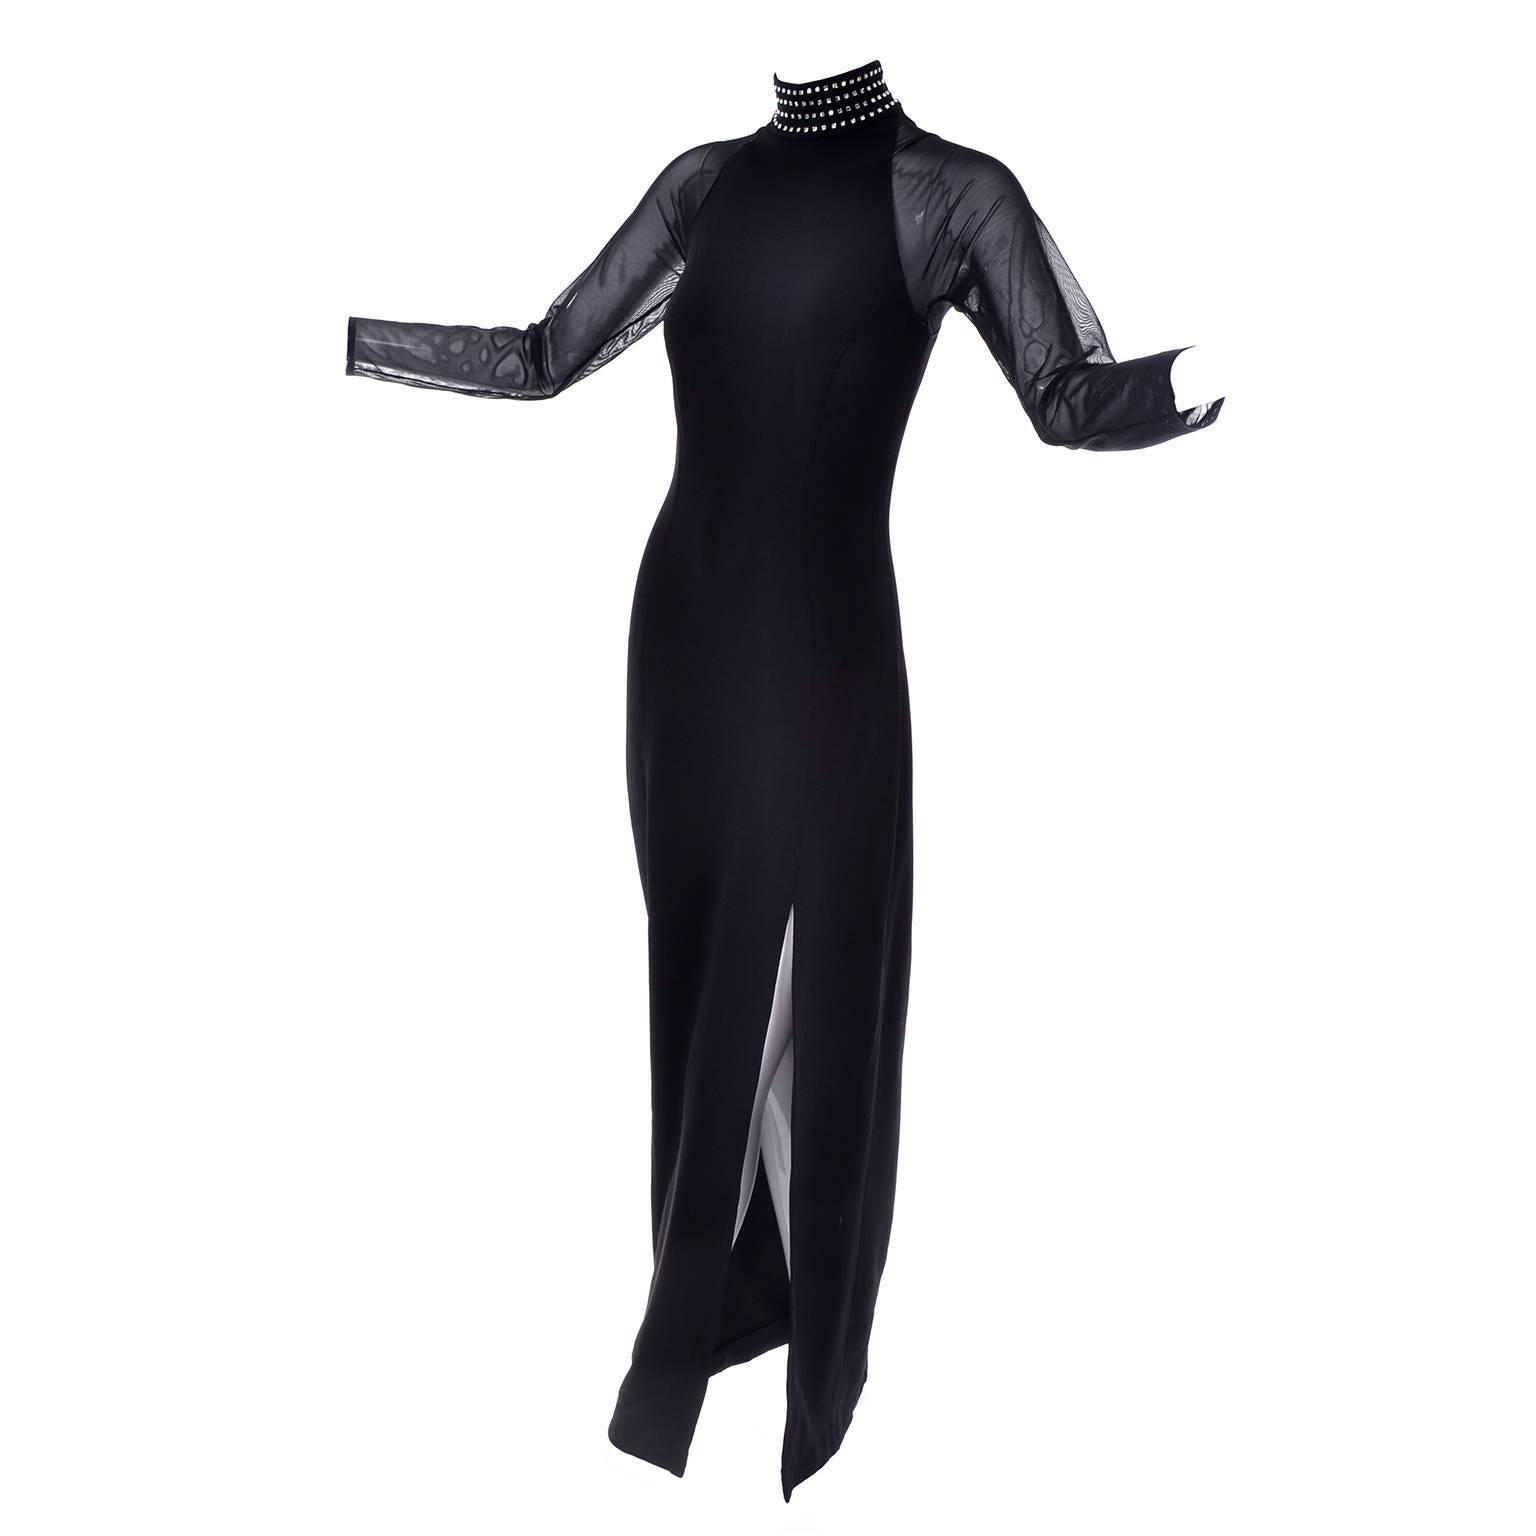 1980s Tadashi Shoji Vintage Black Bodycon Dress Sheer Sleeves Rhinestones 8/10